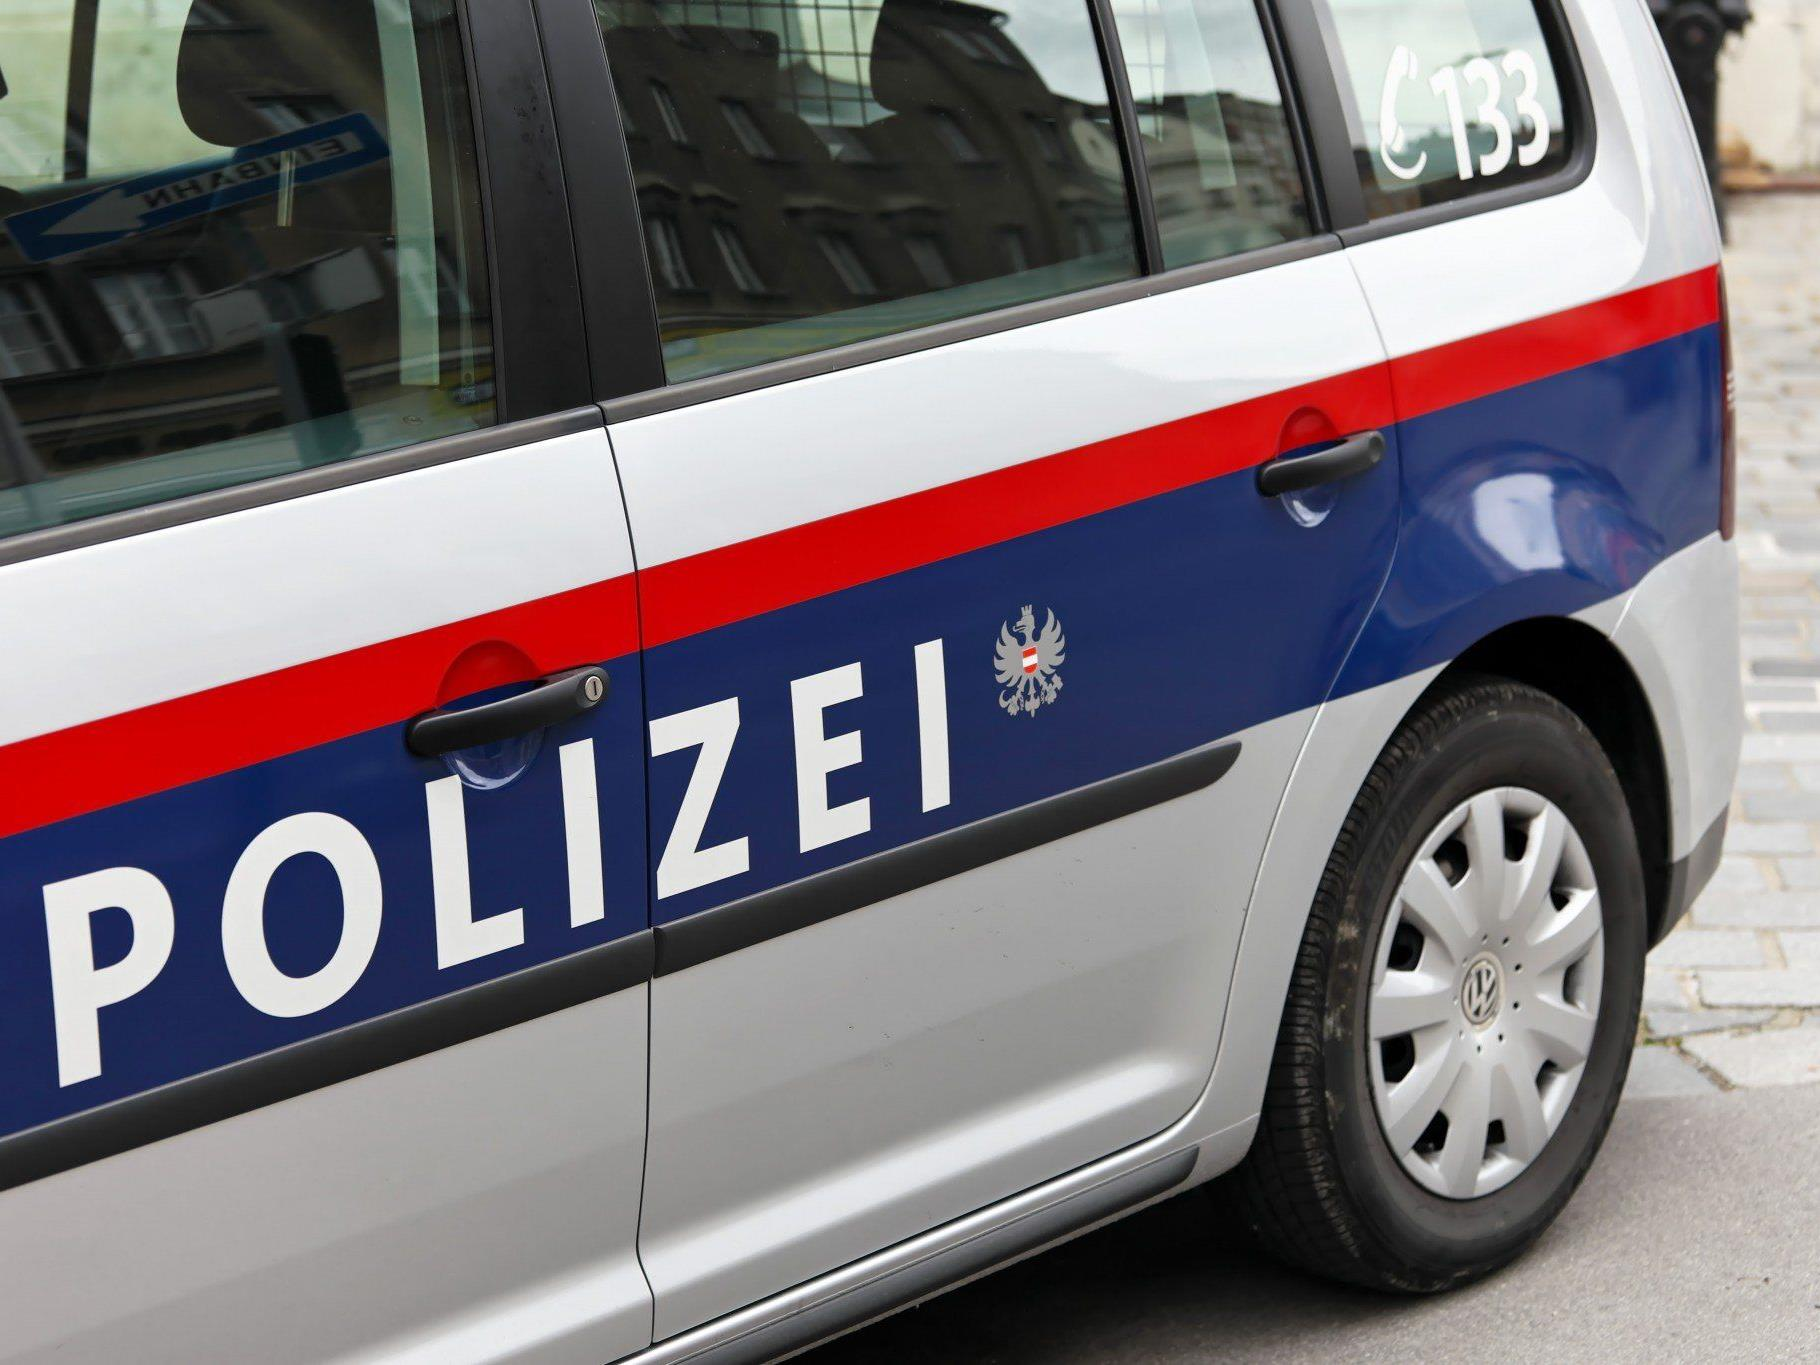 Verletzte durch Schlägerei: Polizei bittet um Mithilfe bei der Suche nach den Tätern.